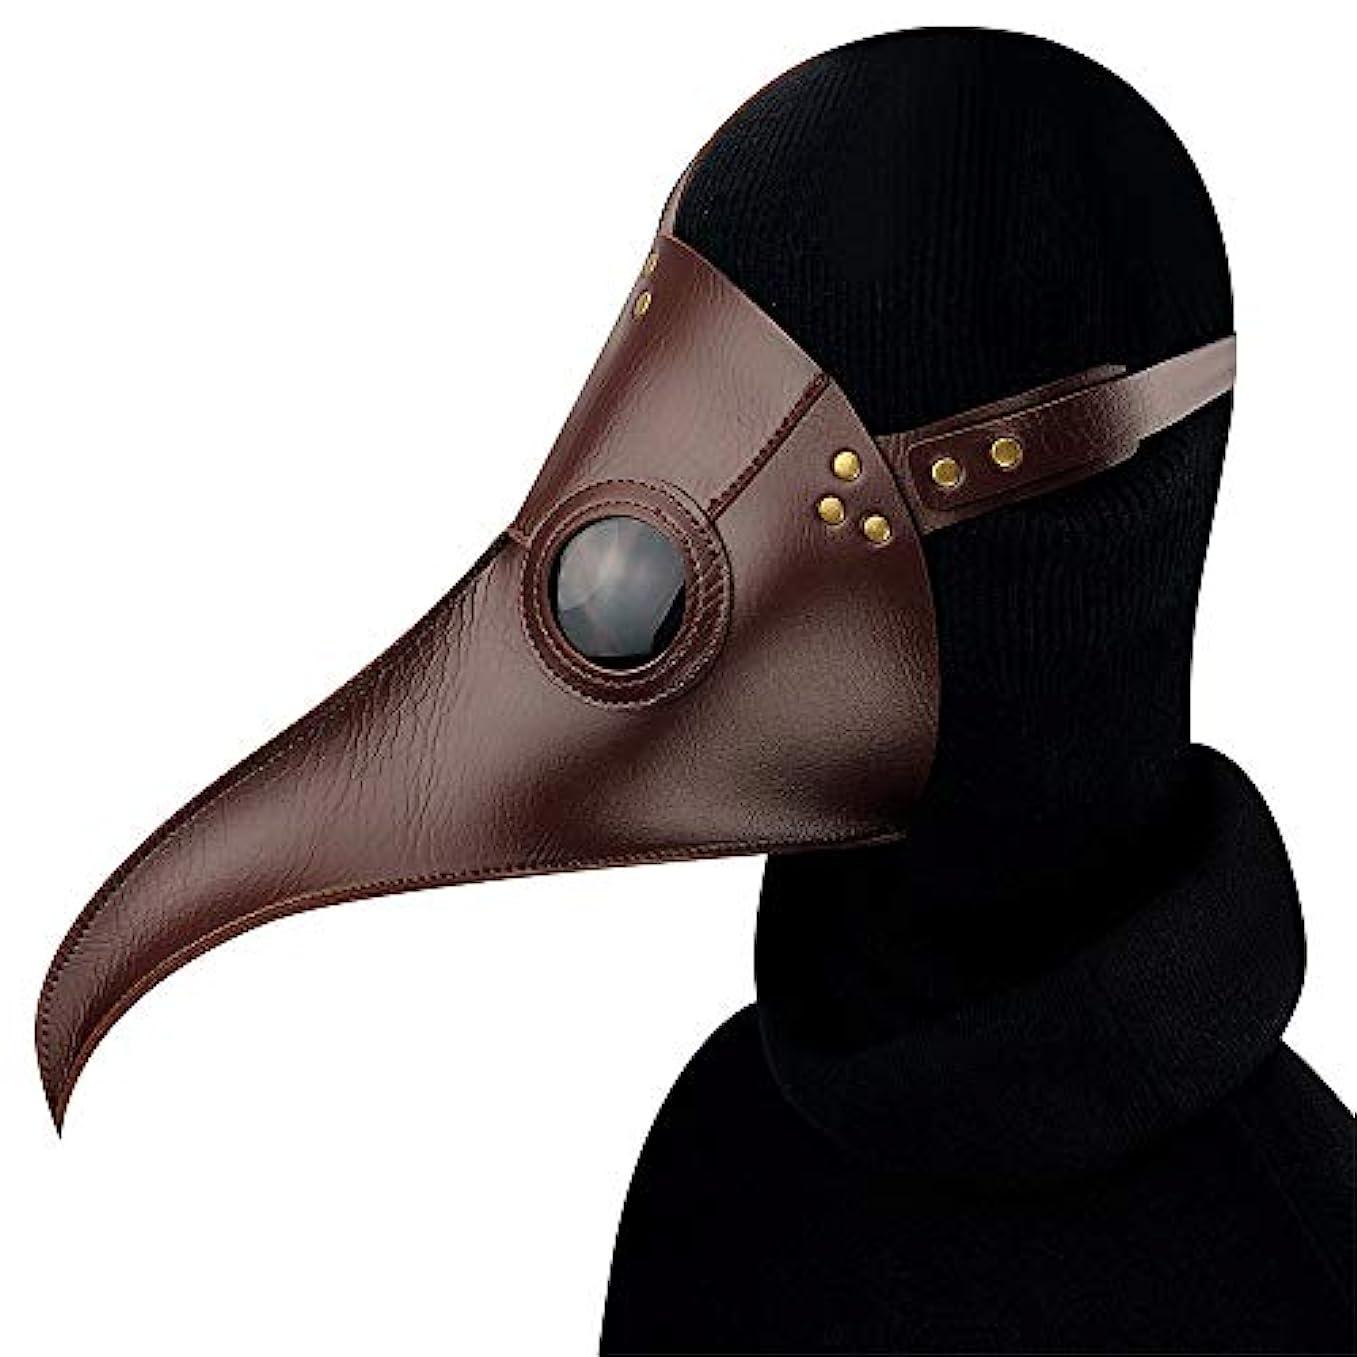 必須困惑した悪性のブラウンスチームパンクペストロングバード口マスクハロウィンプロップギフトロング鼻バードマスク